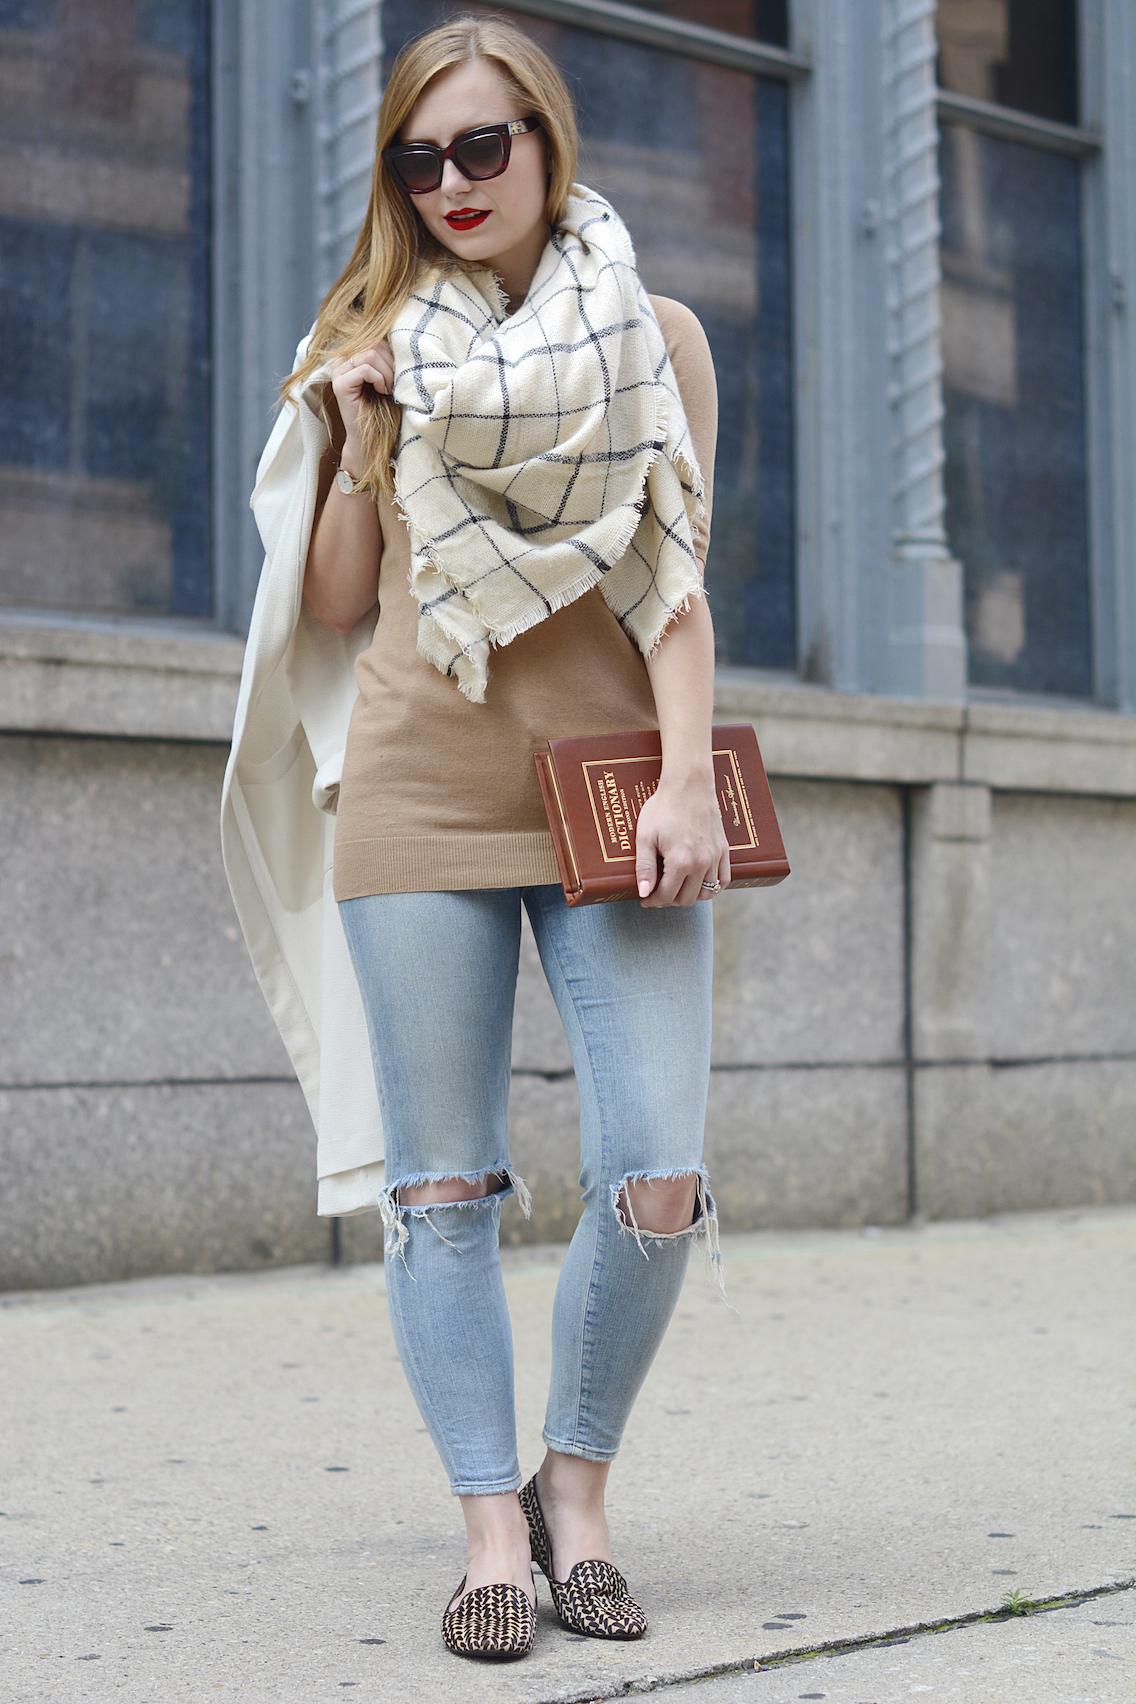 Kate Spade Dictionary Clutch Zara Valentino 10